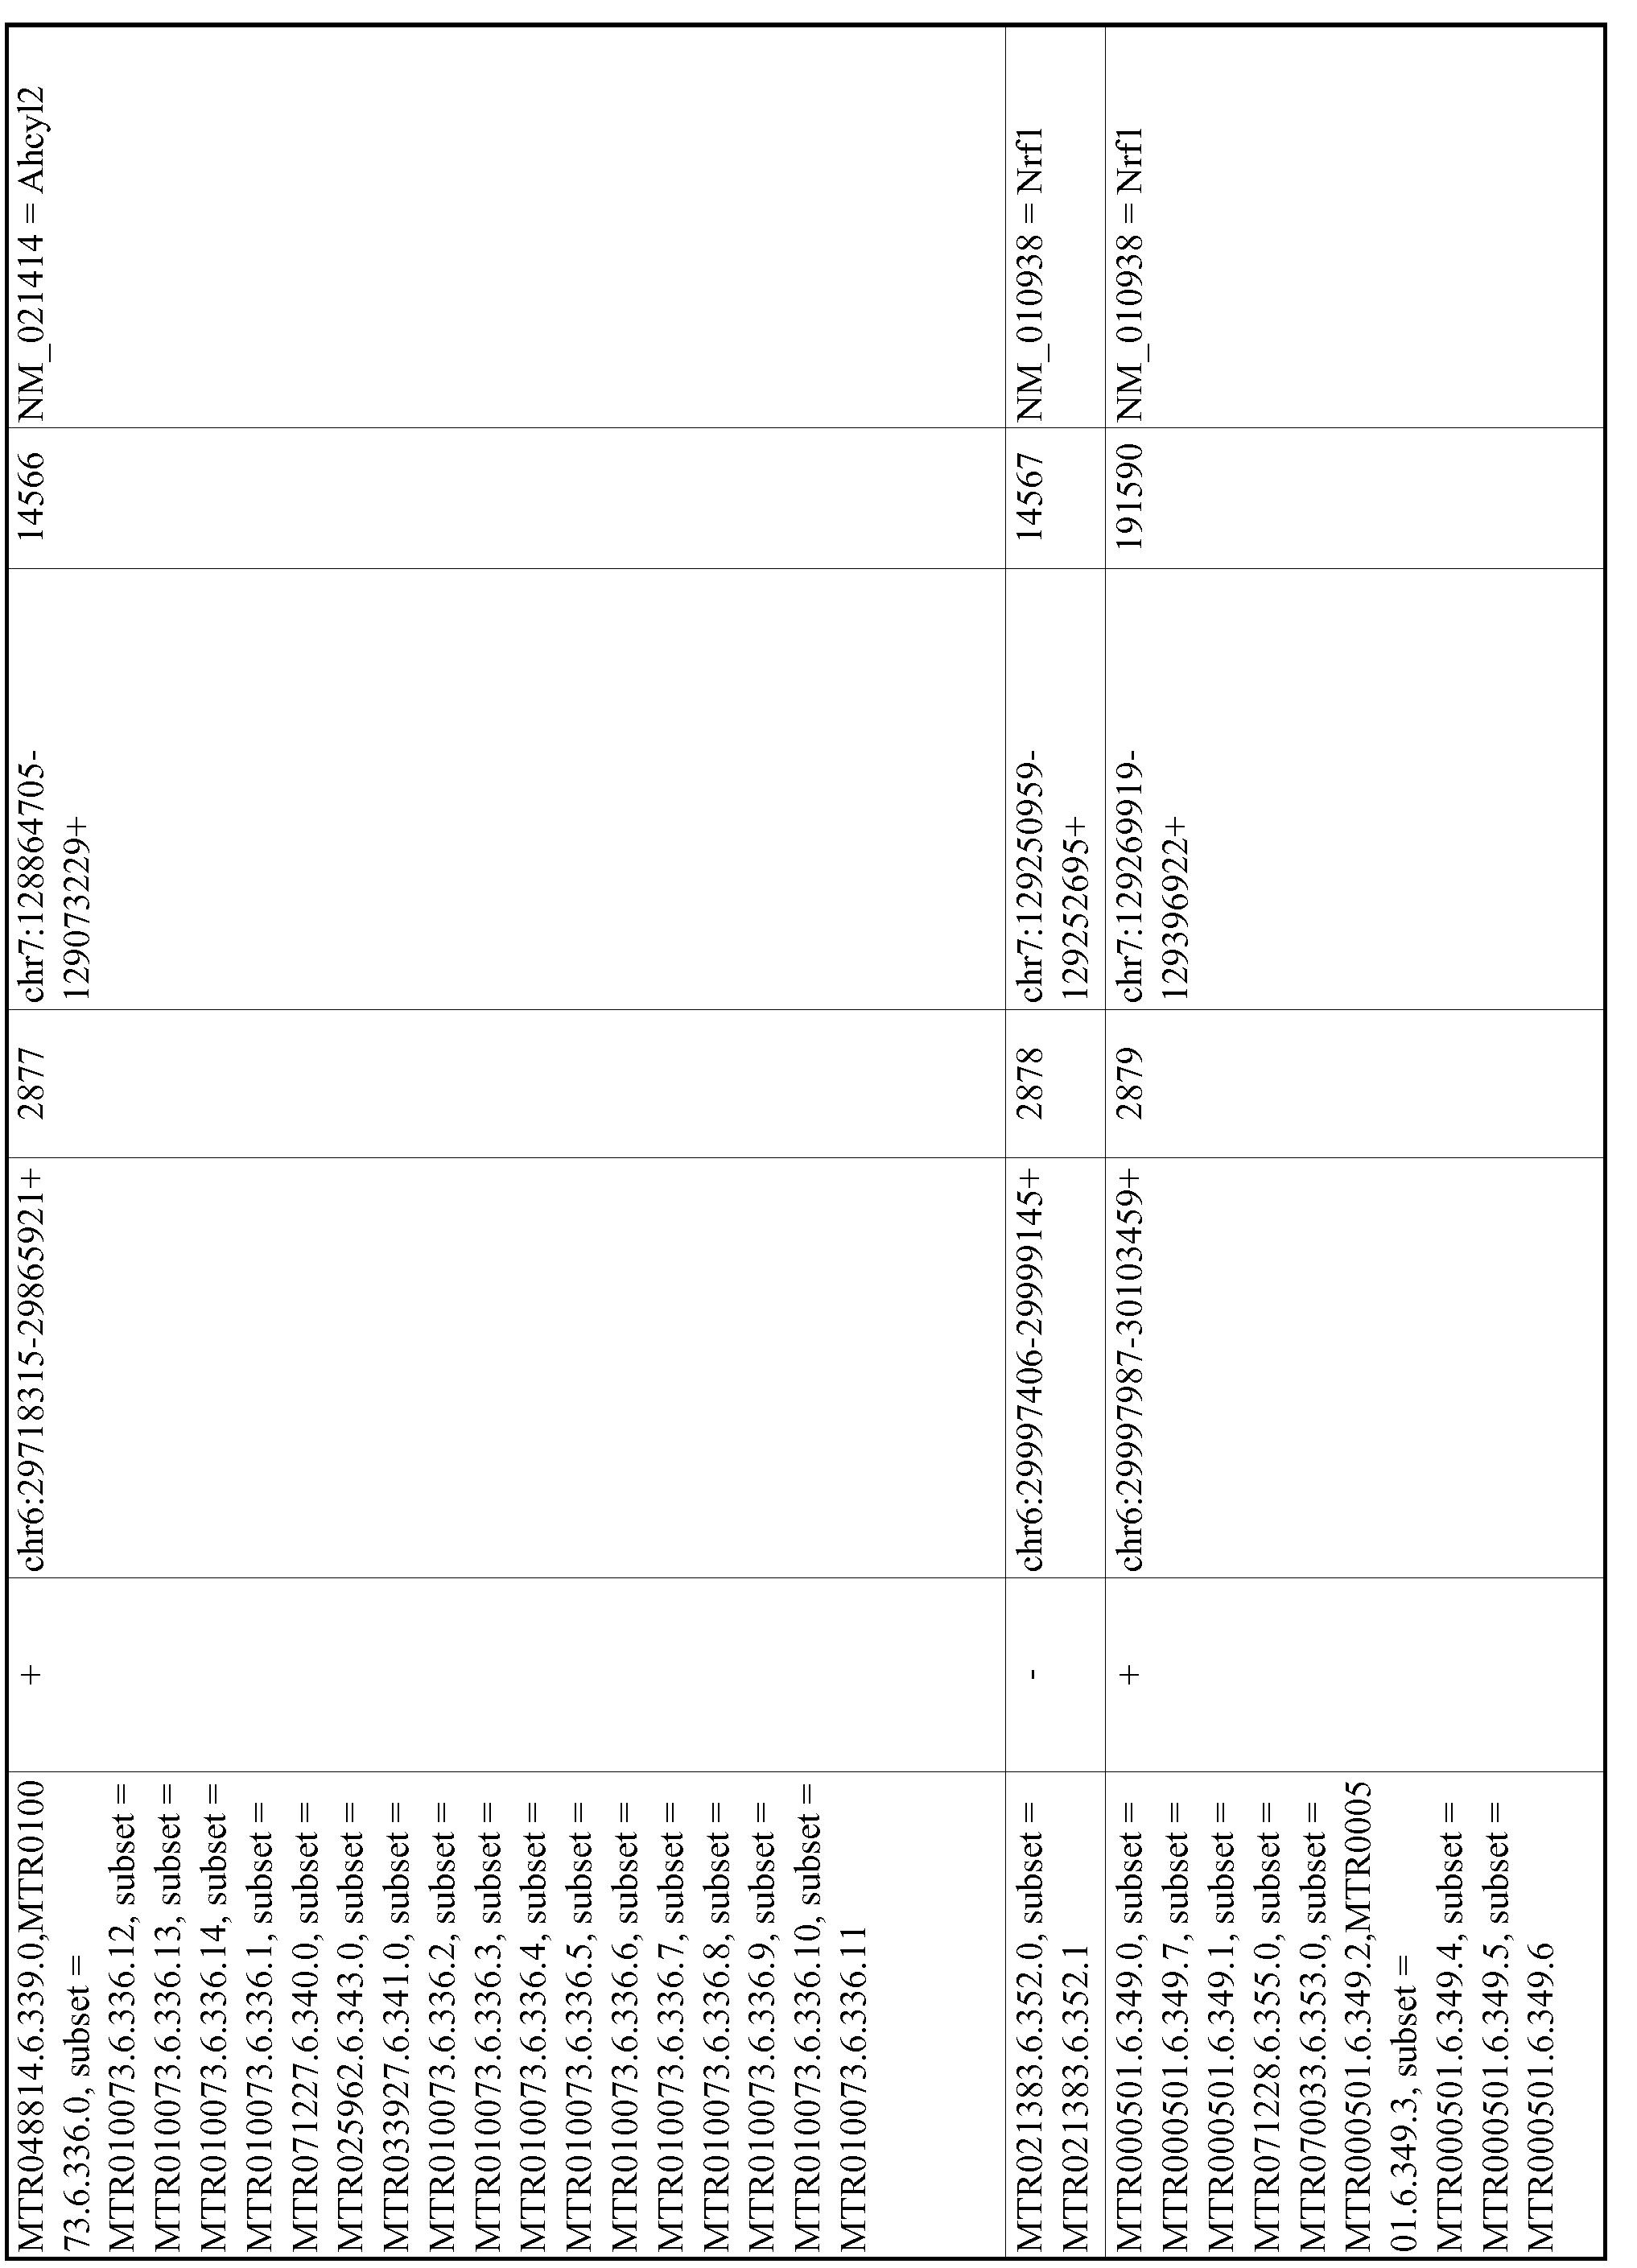 Figure imgf000588_0001